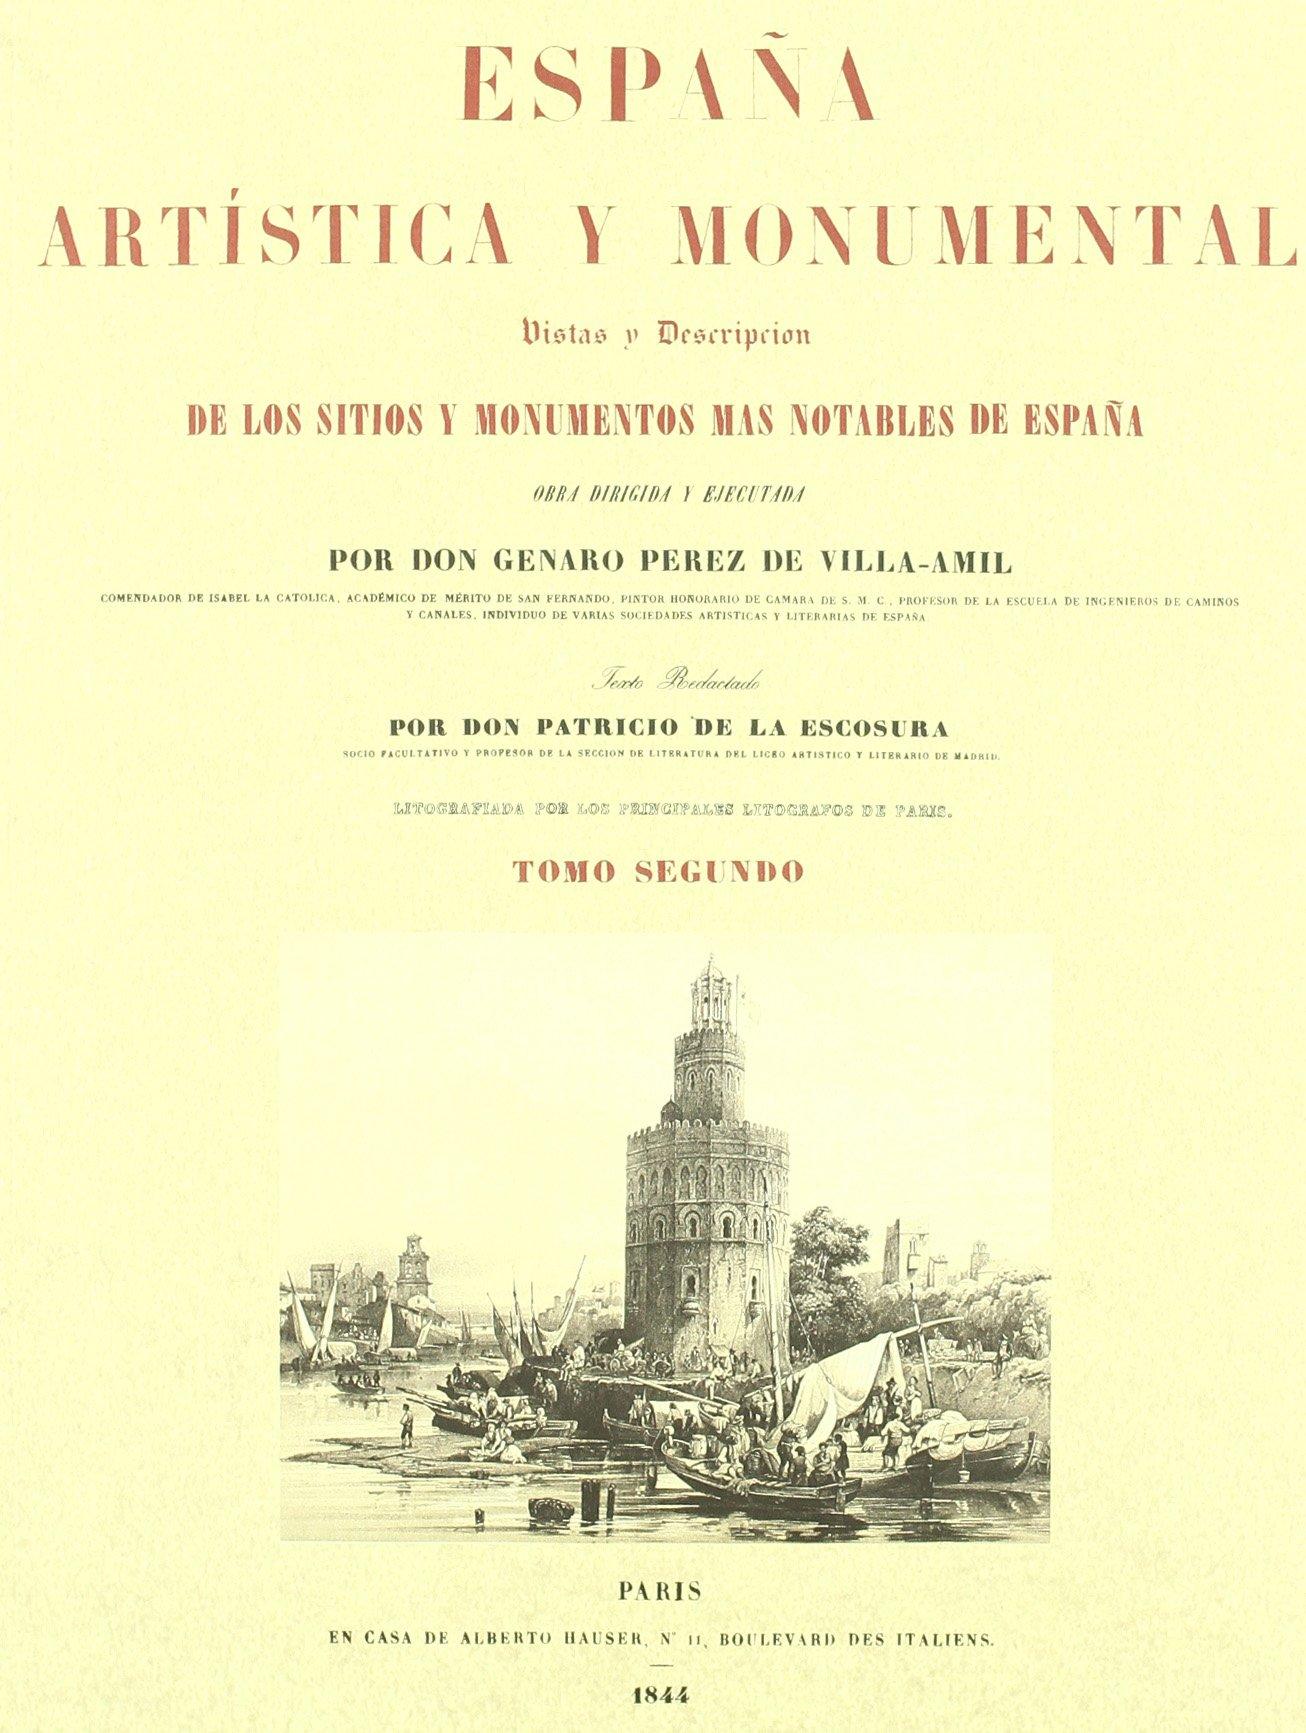 ESPAÑA ARTISTICA Y MONUMENTAL TOMO II Facsimiles De Edic. Unicas: Amazon.es: PEREZ VILLAAMIL,GENARO: Libros